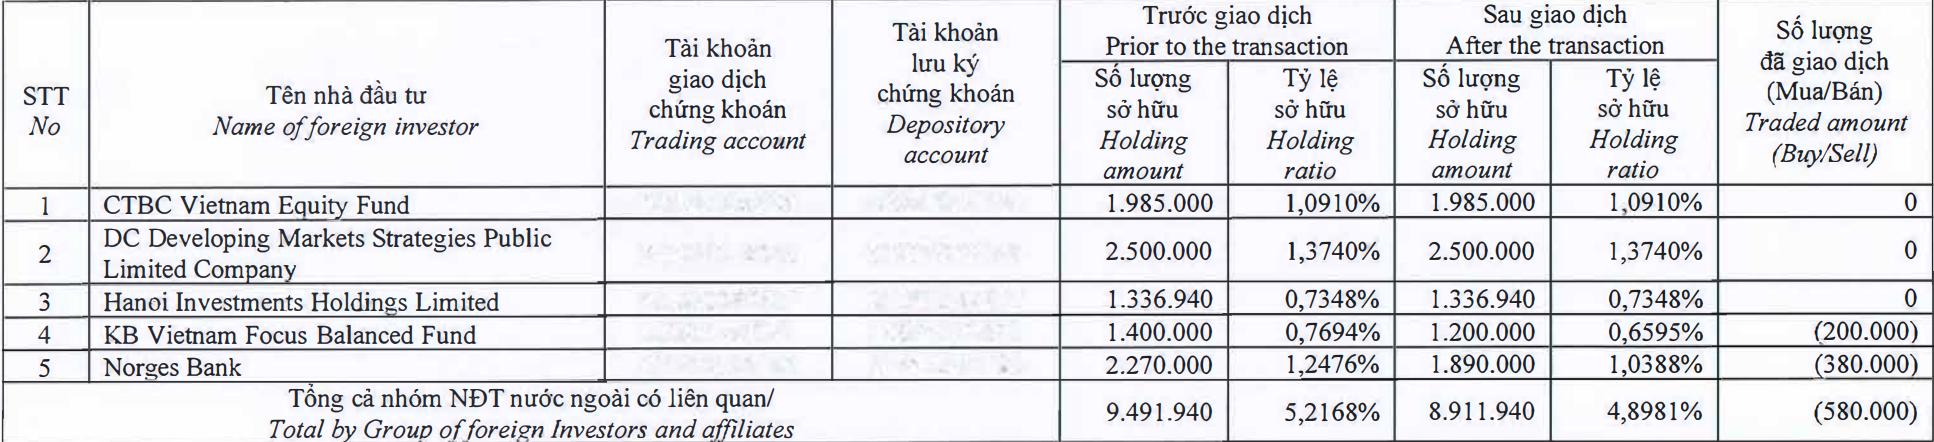 Dragon Capital không còn là cổ đông lớn của Vĩnh Hoàn - Ảnh 1.